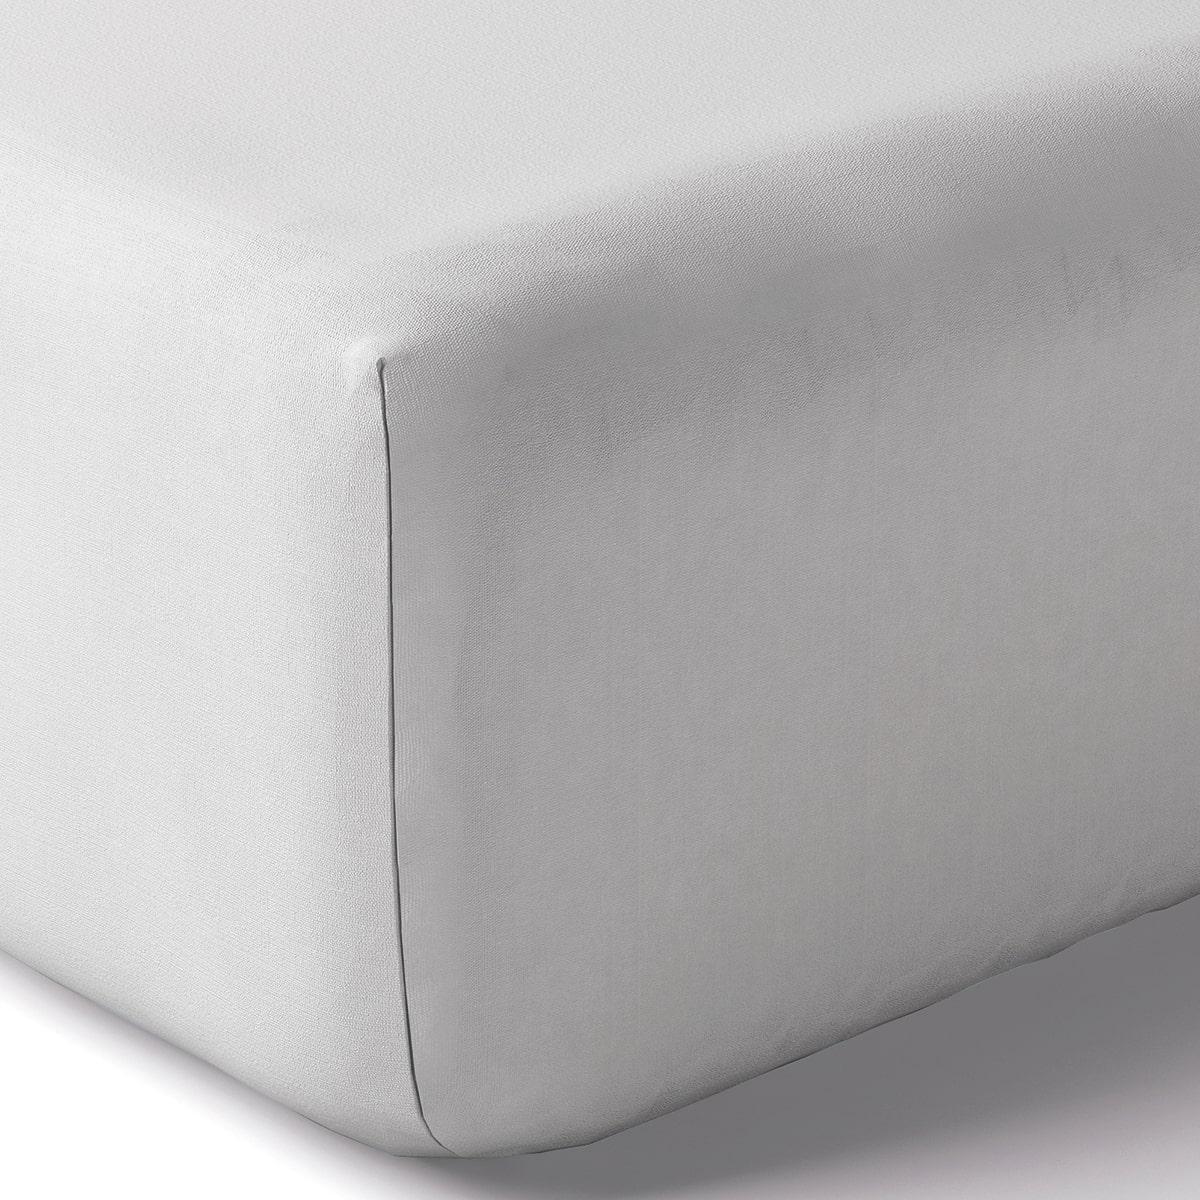 Drap housse coton 160x200 cm opaline